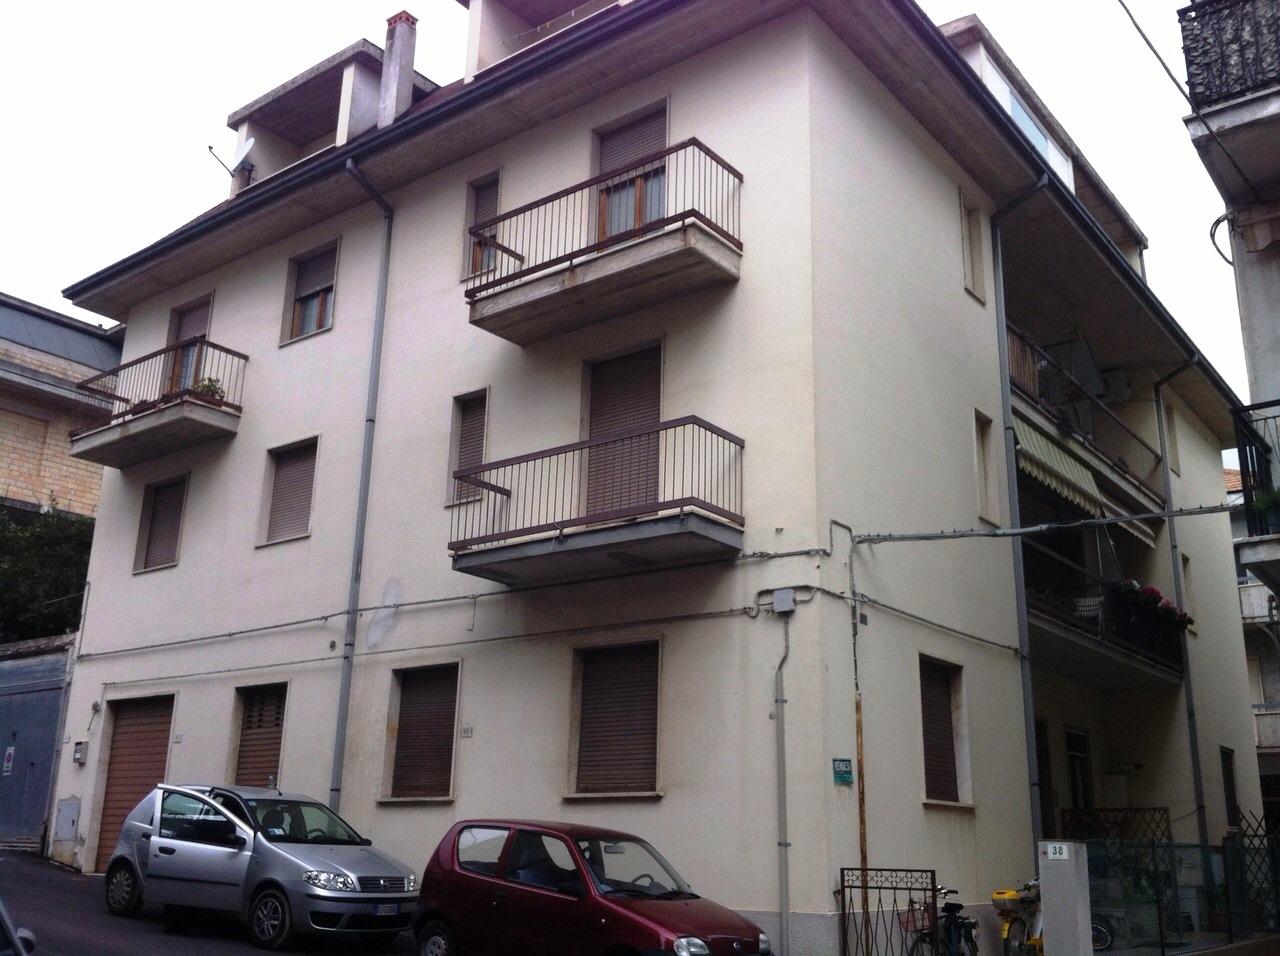 Appartamento in vendita a San Benedetto del Tronto, 4 locali, zona Località: S.aLucia, prezzo € 170.000 | CambioCasa.it